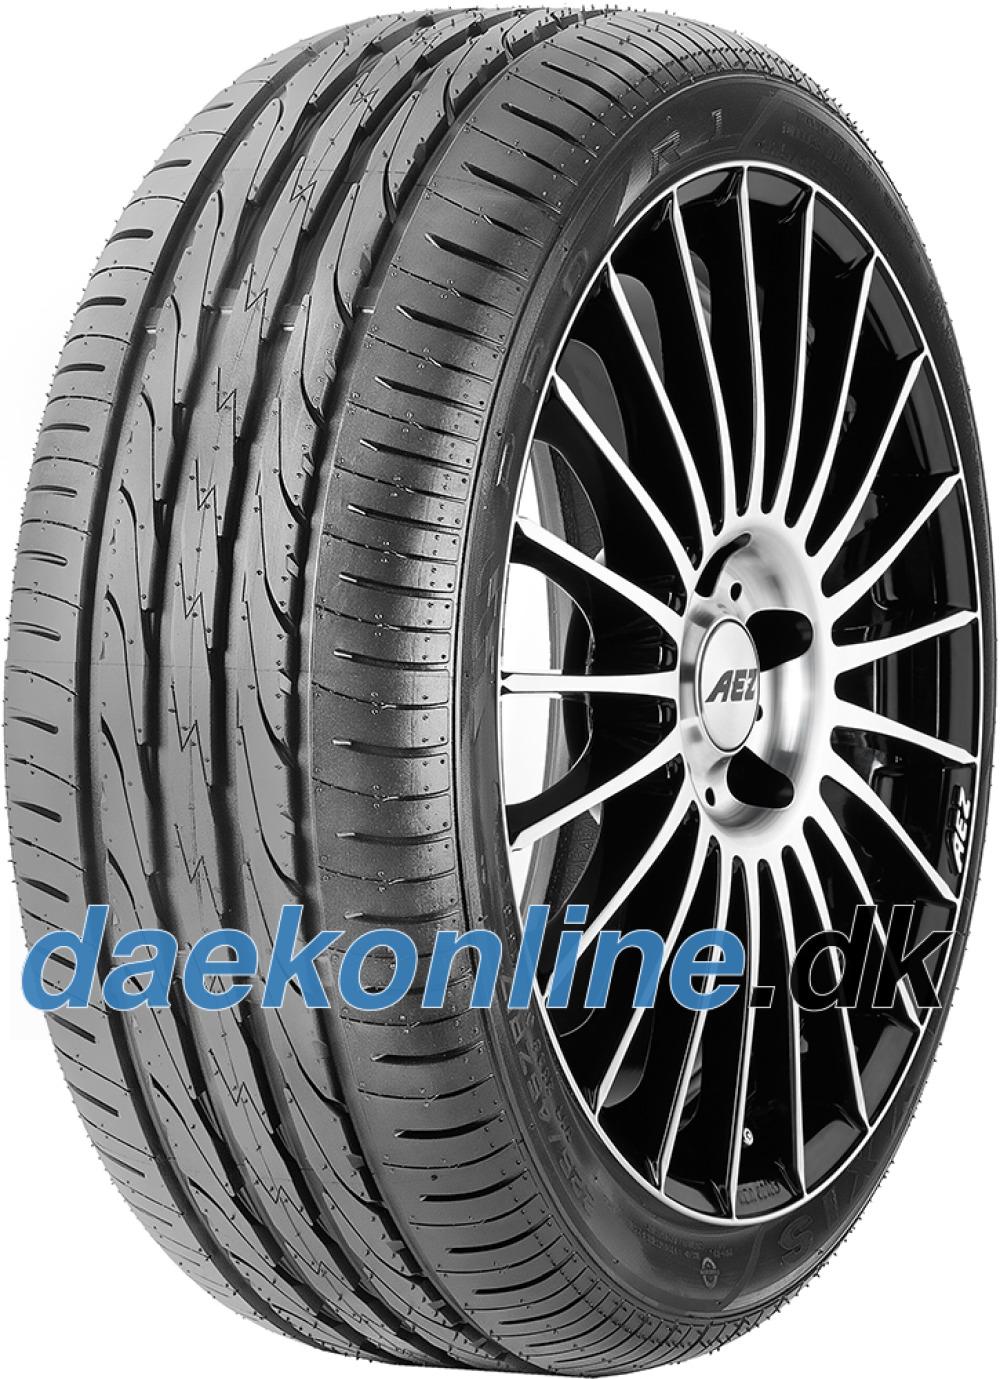 maxxis-pro-r1-22560-zr18-100w